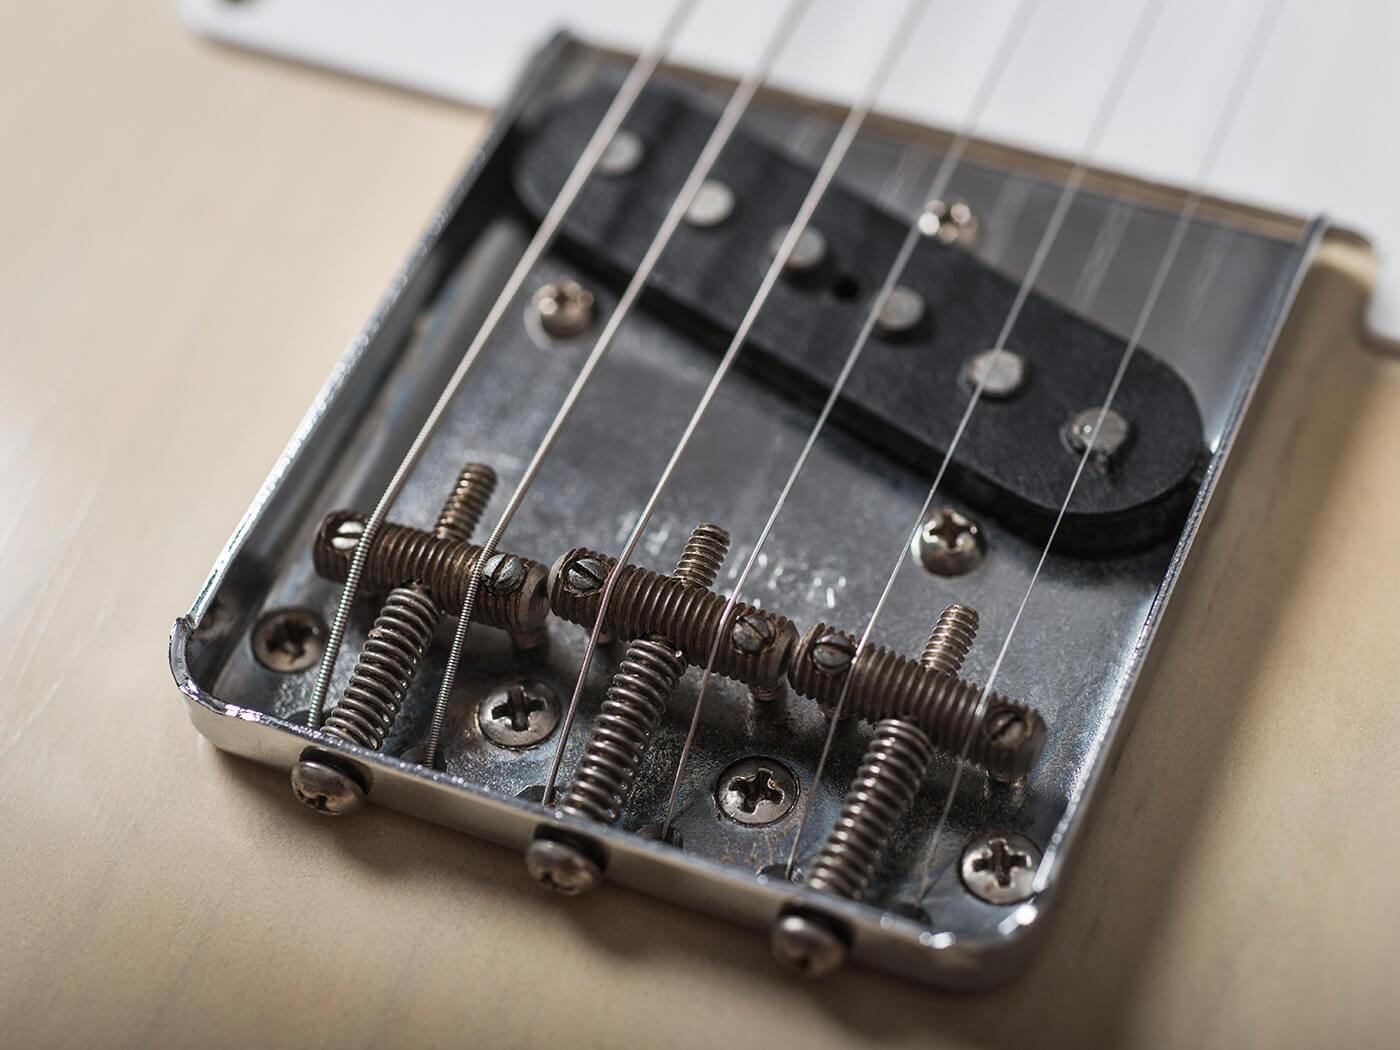 1963 Fender Esquire (Bridge)